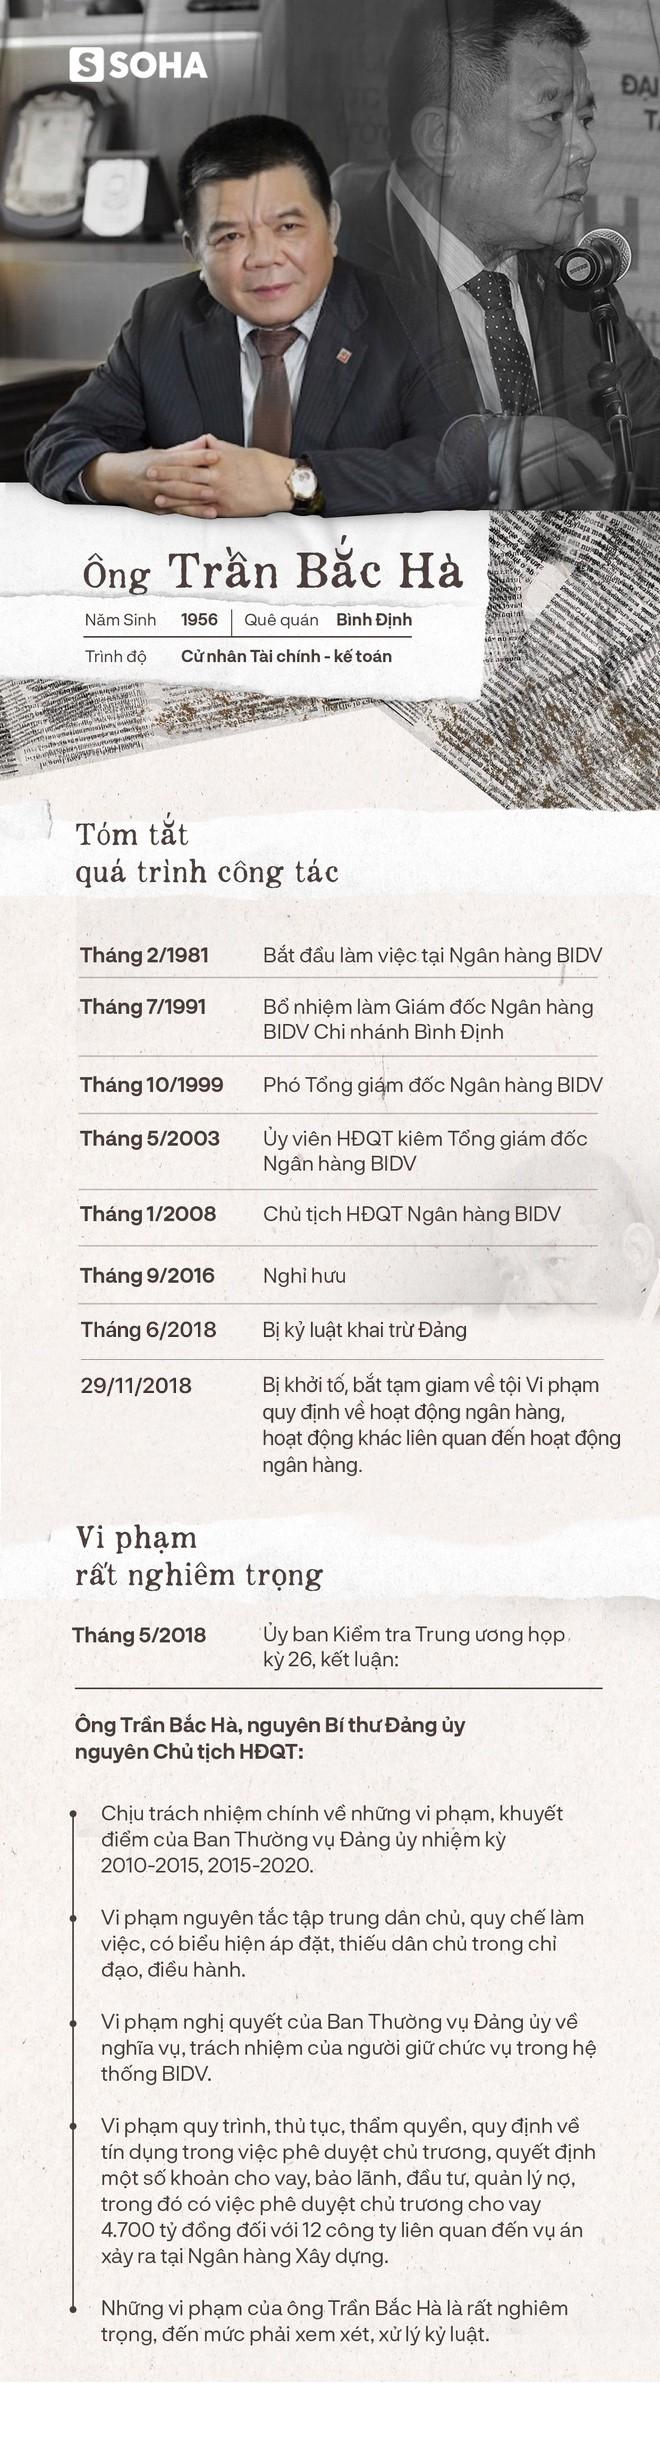 Sự nghiệp của cựu Chủ tịch BIDV Trần Bắc Hà vừa bị bắt - Ảnh 1.